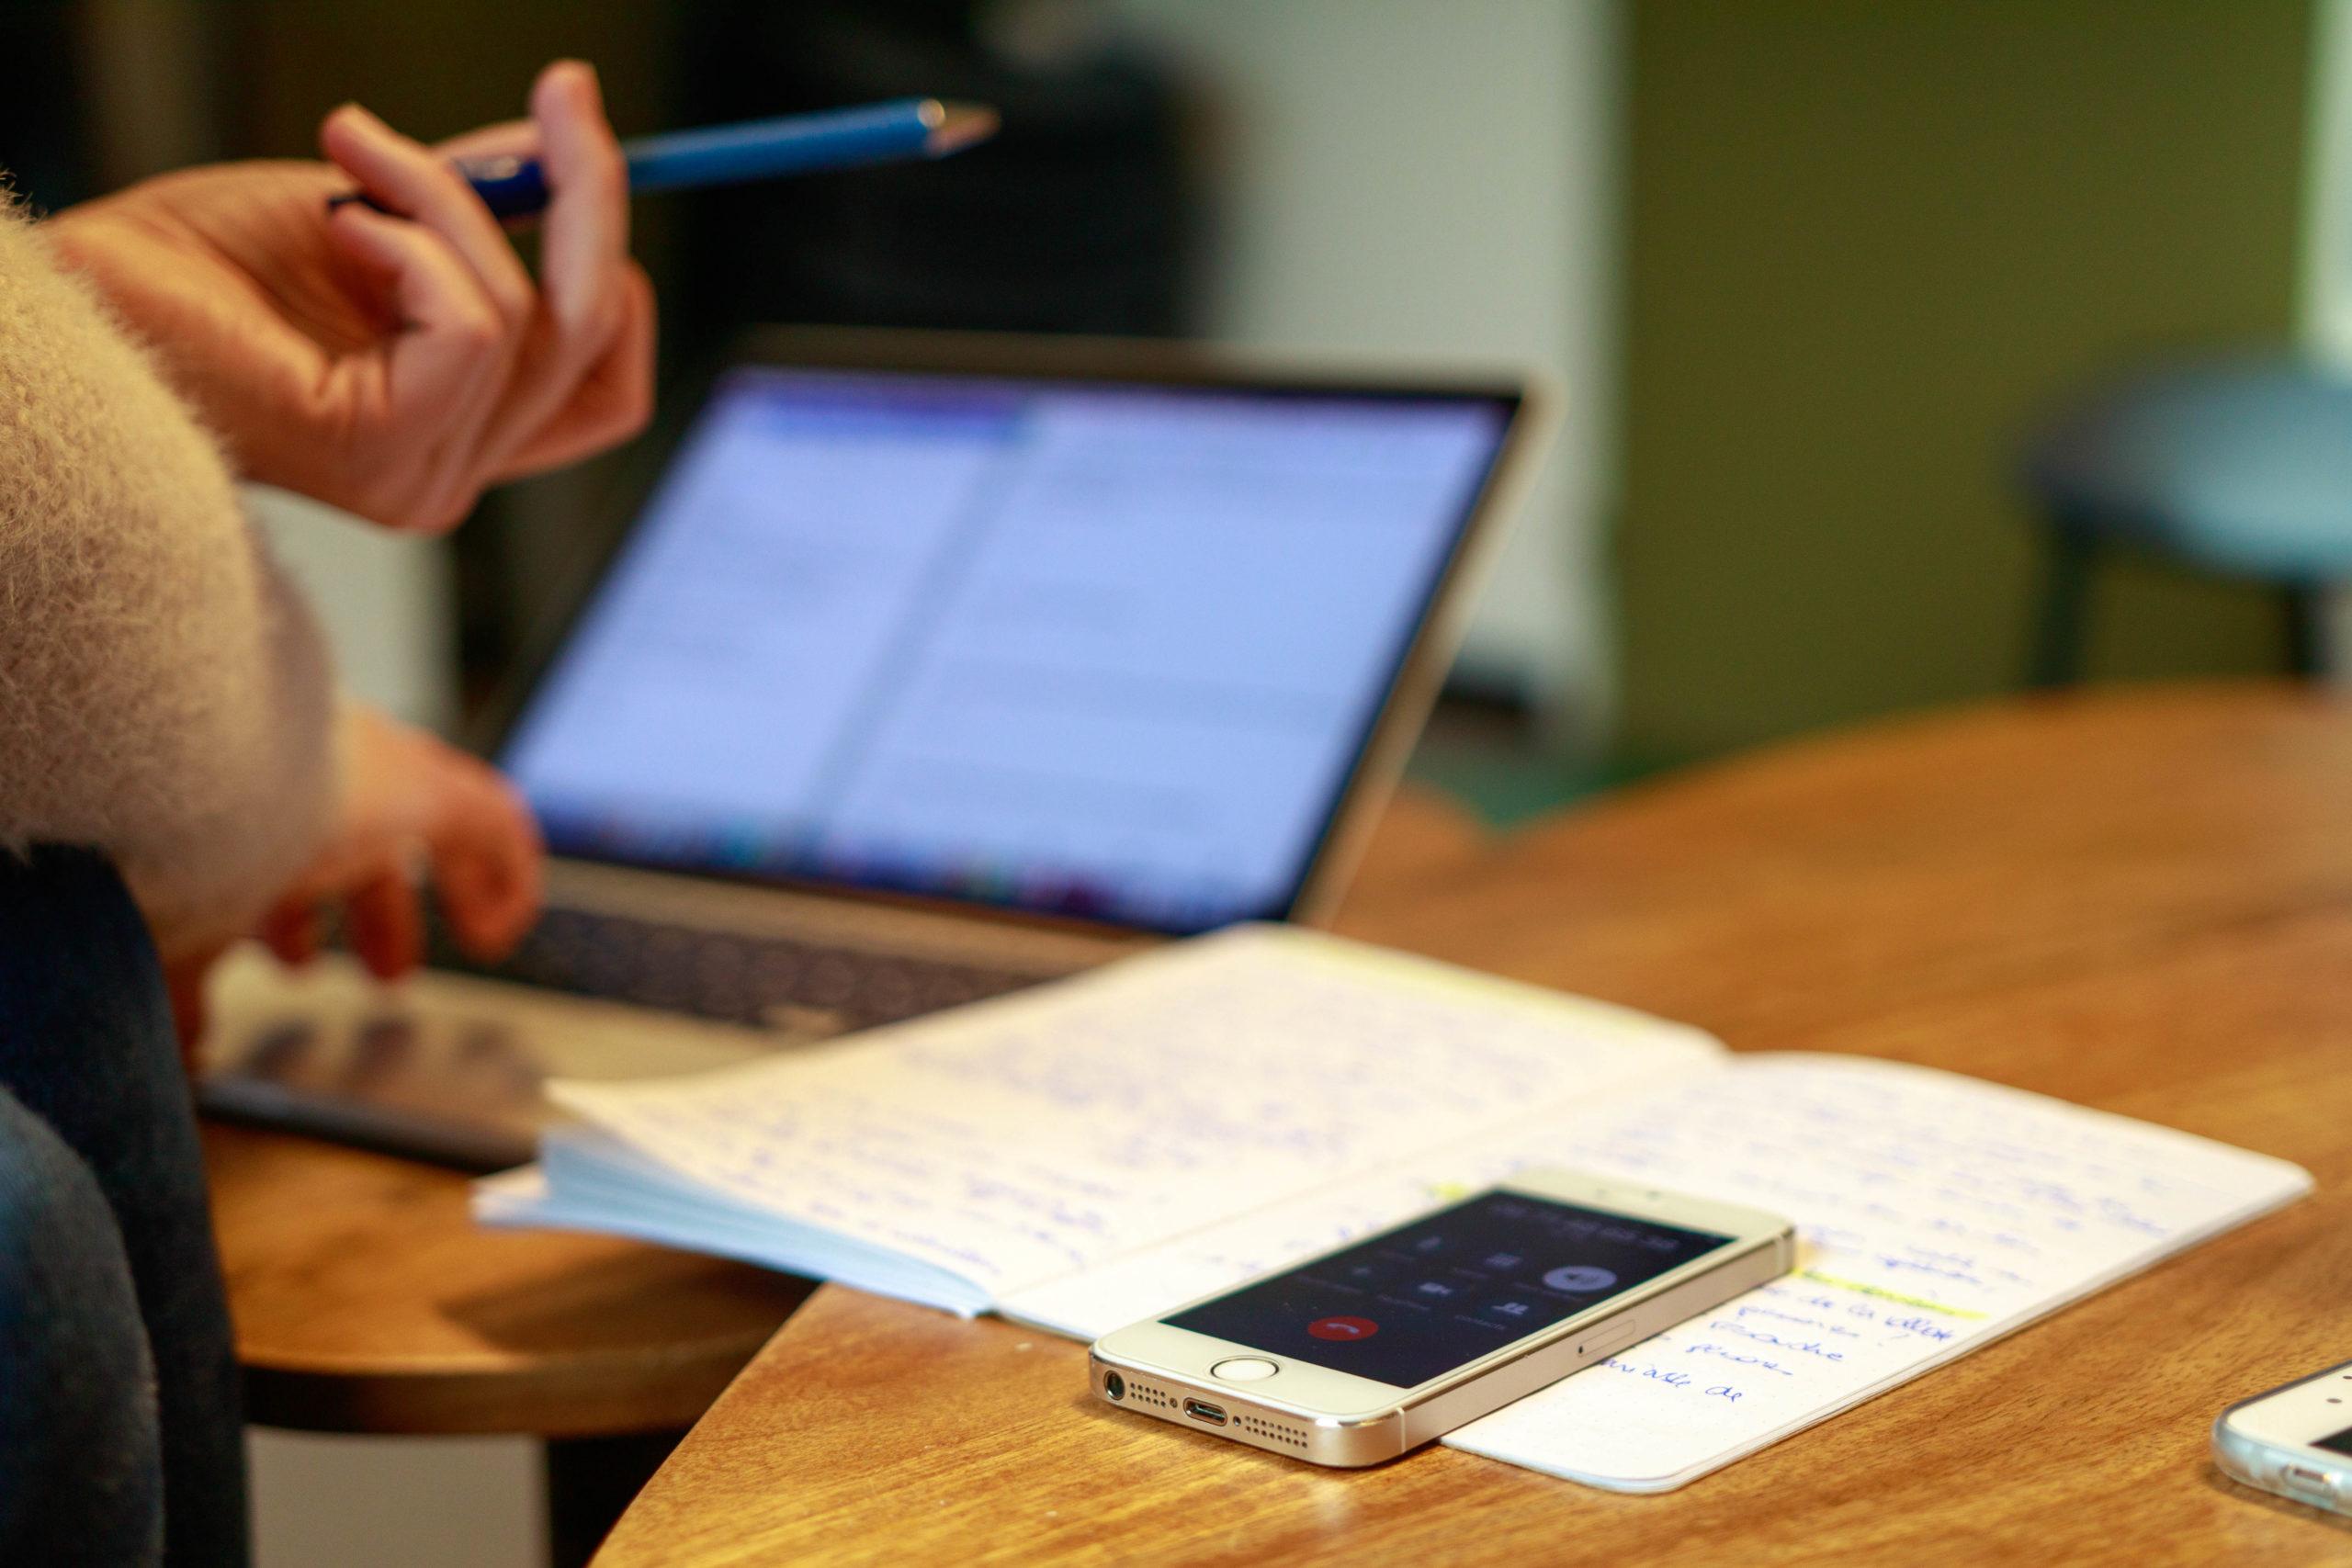 Entretien téléphonique pour comprendre les besoins et usages des utilisateurs